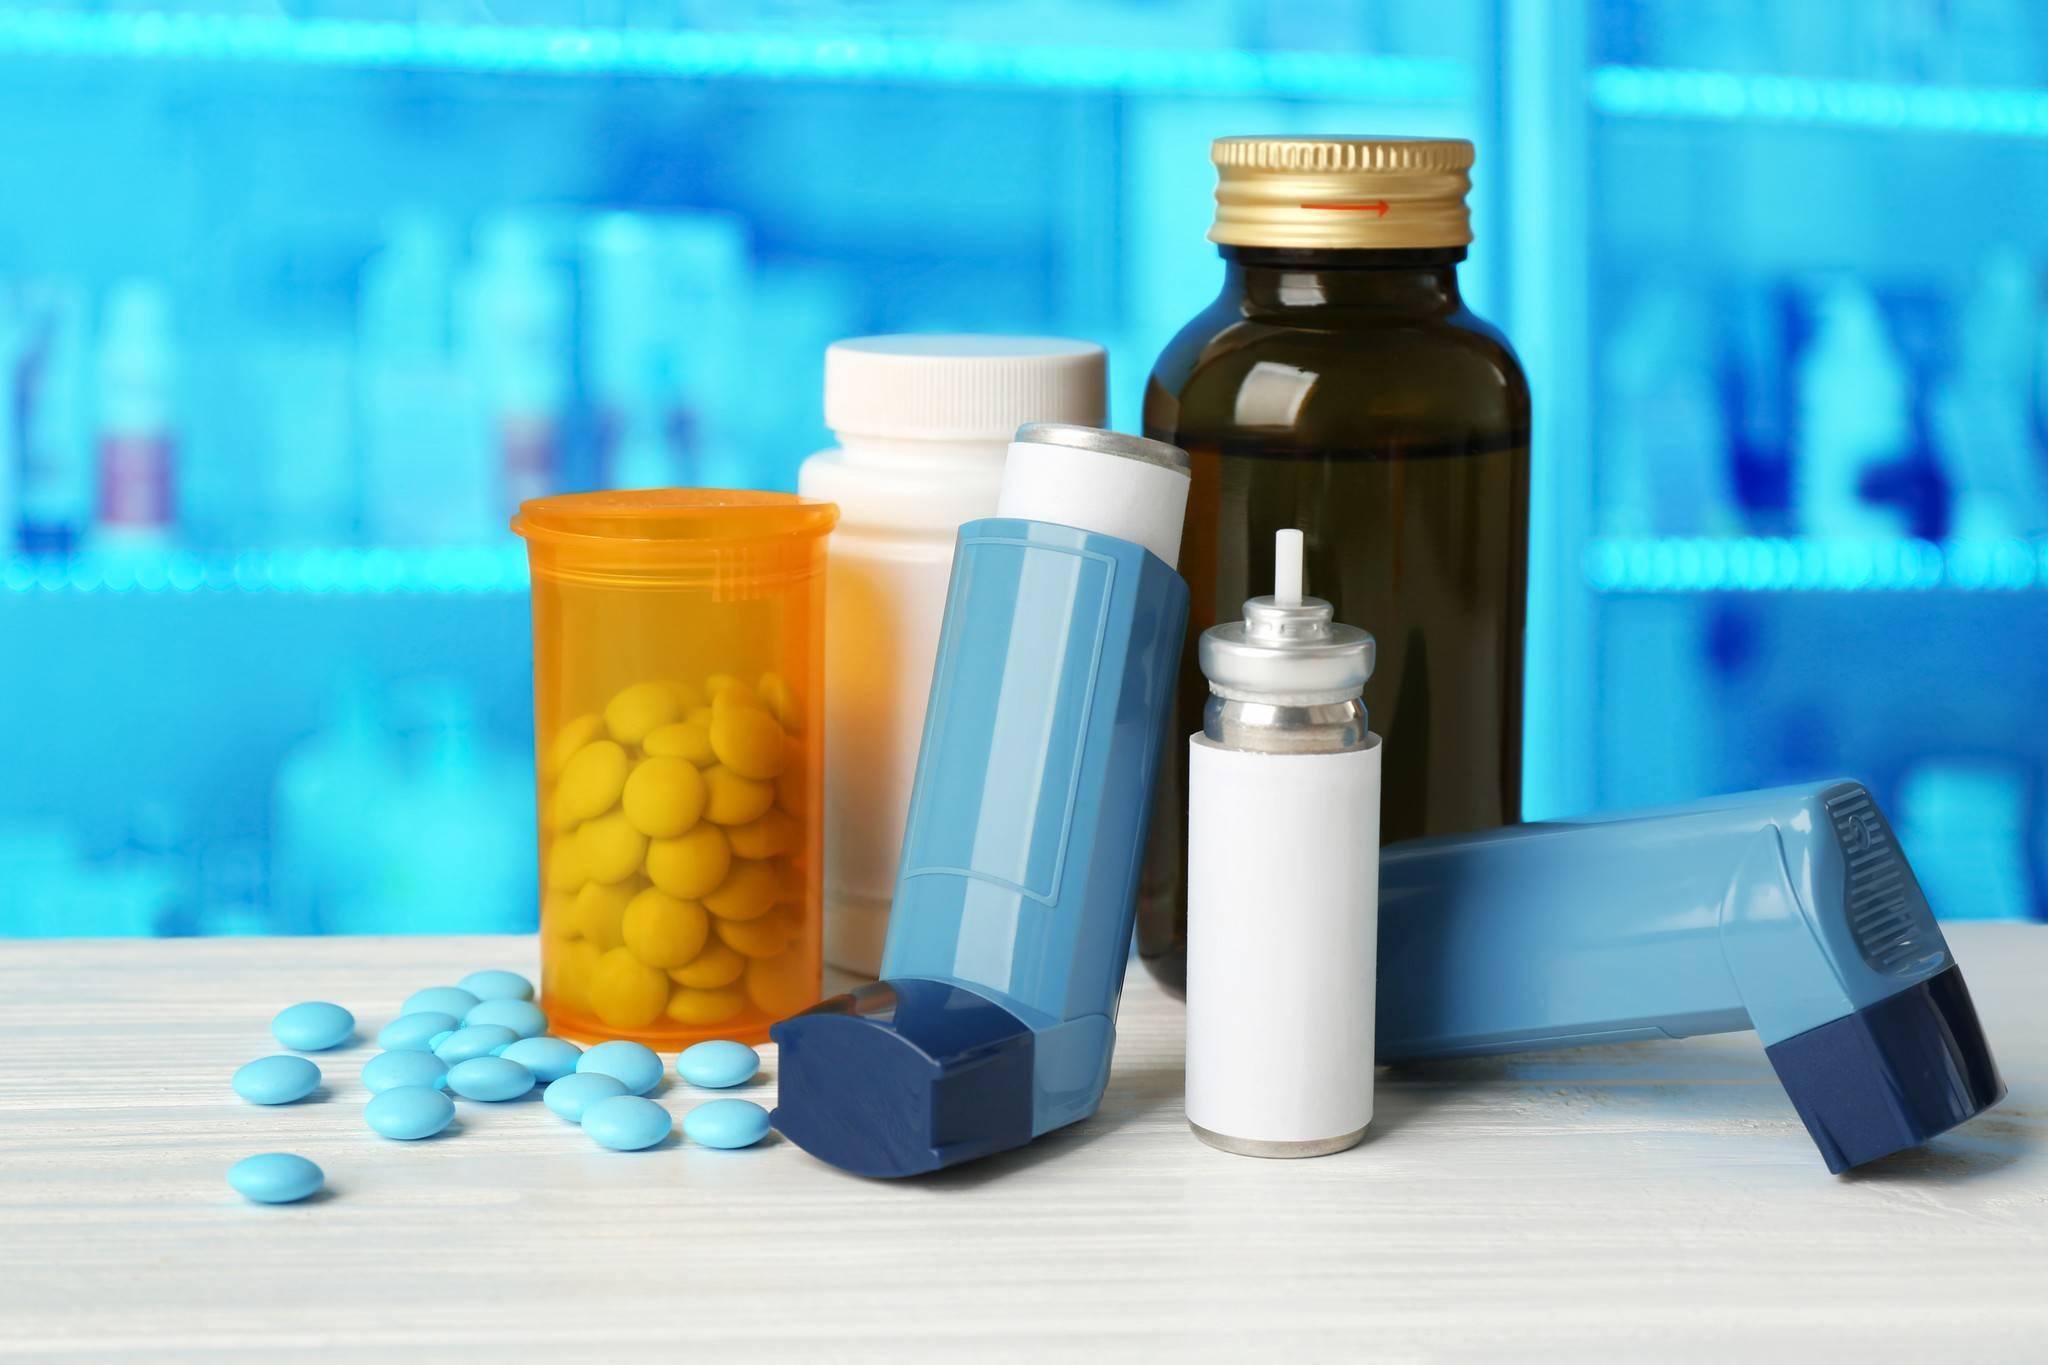 国务院指示:短缺药企业自主定价,直接挂网